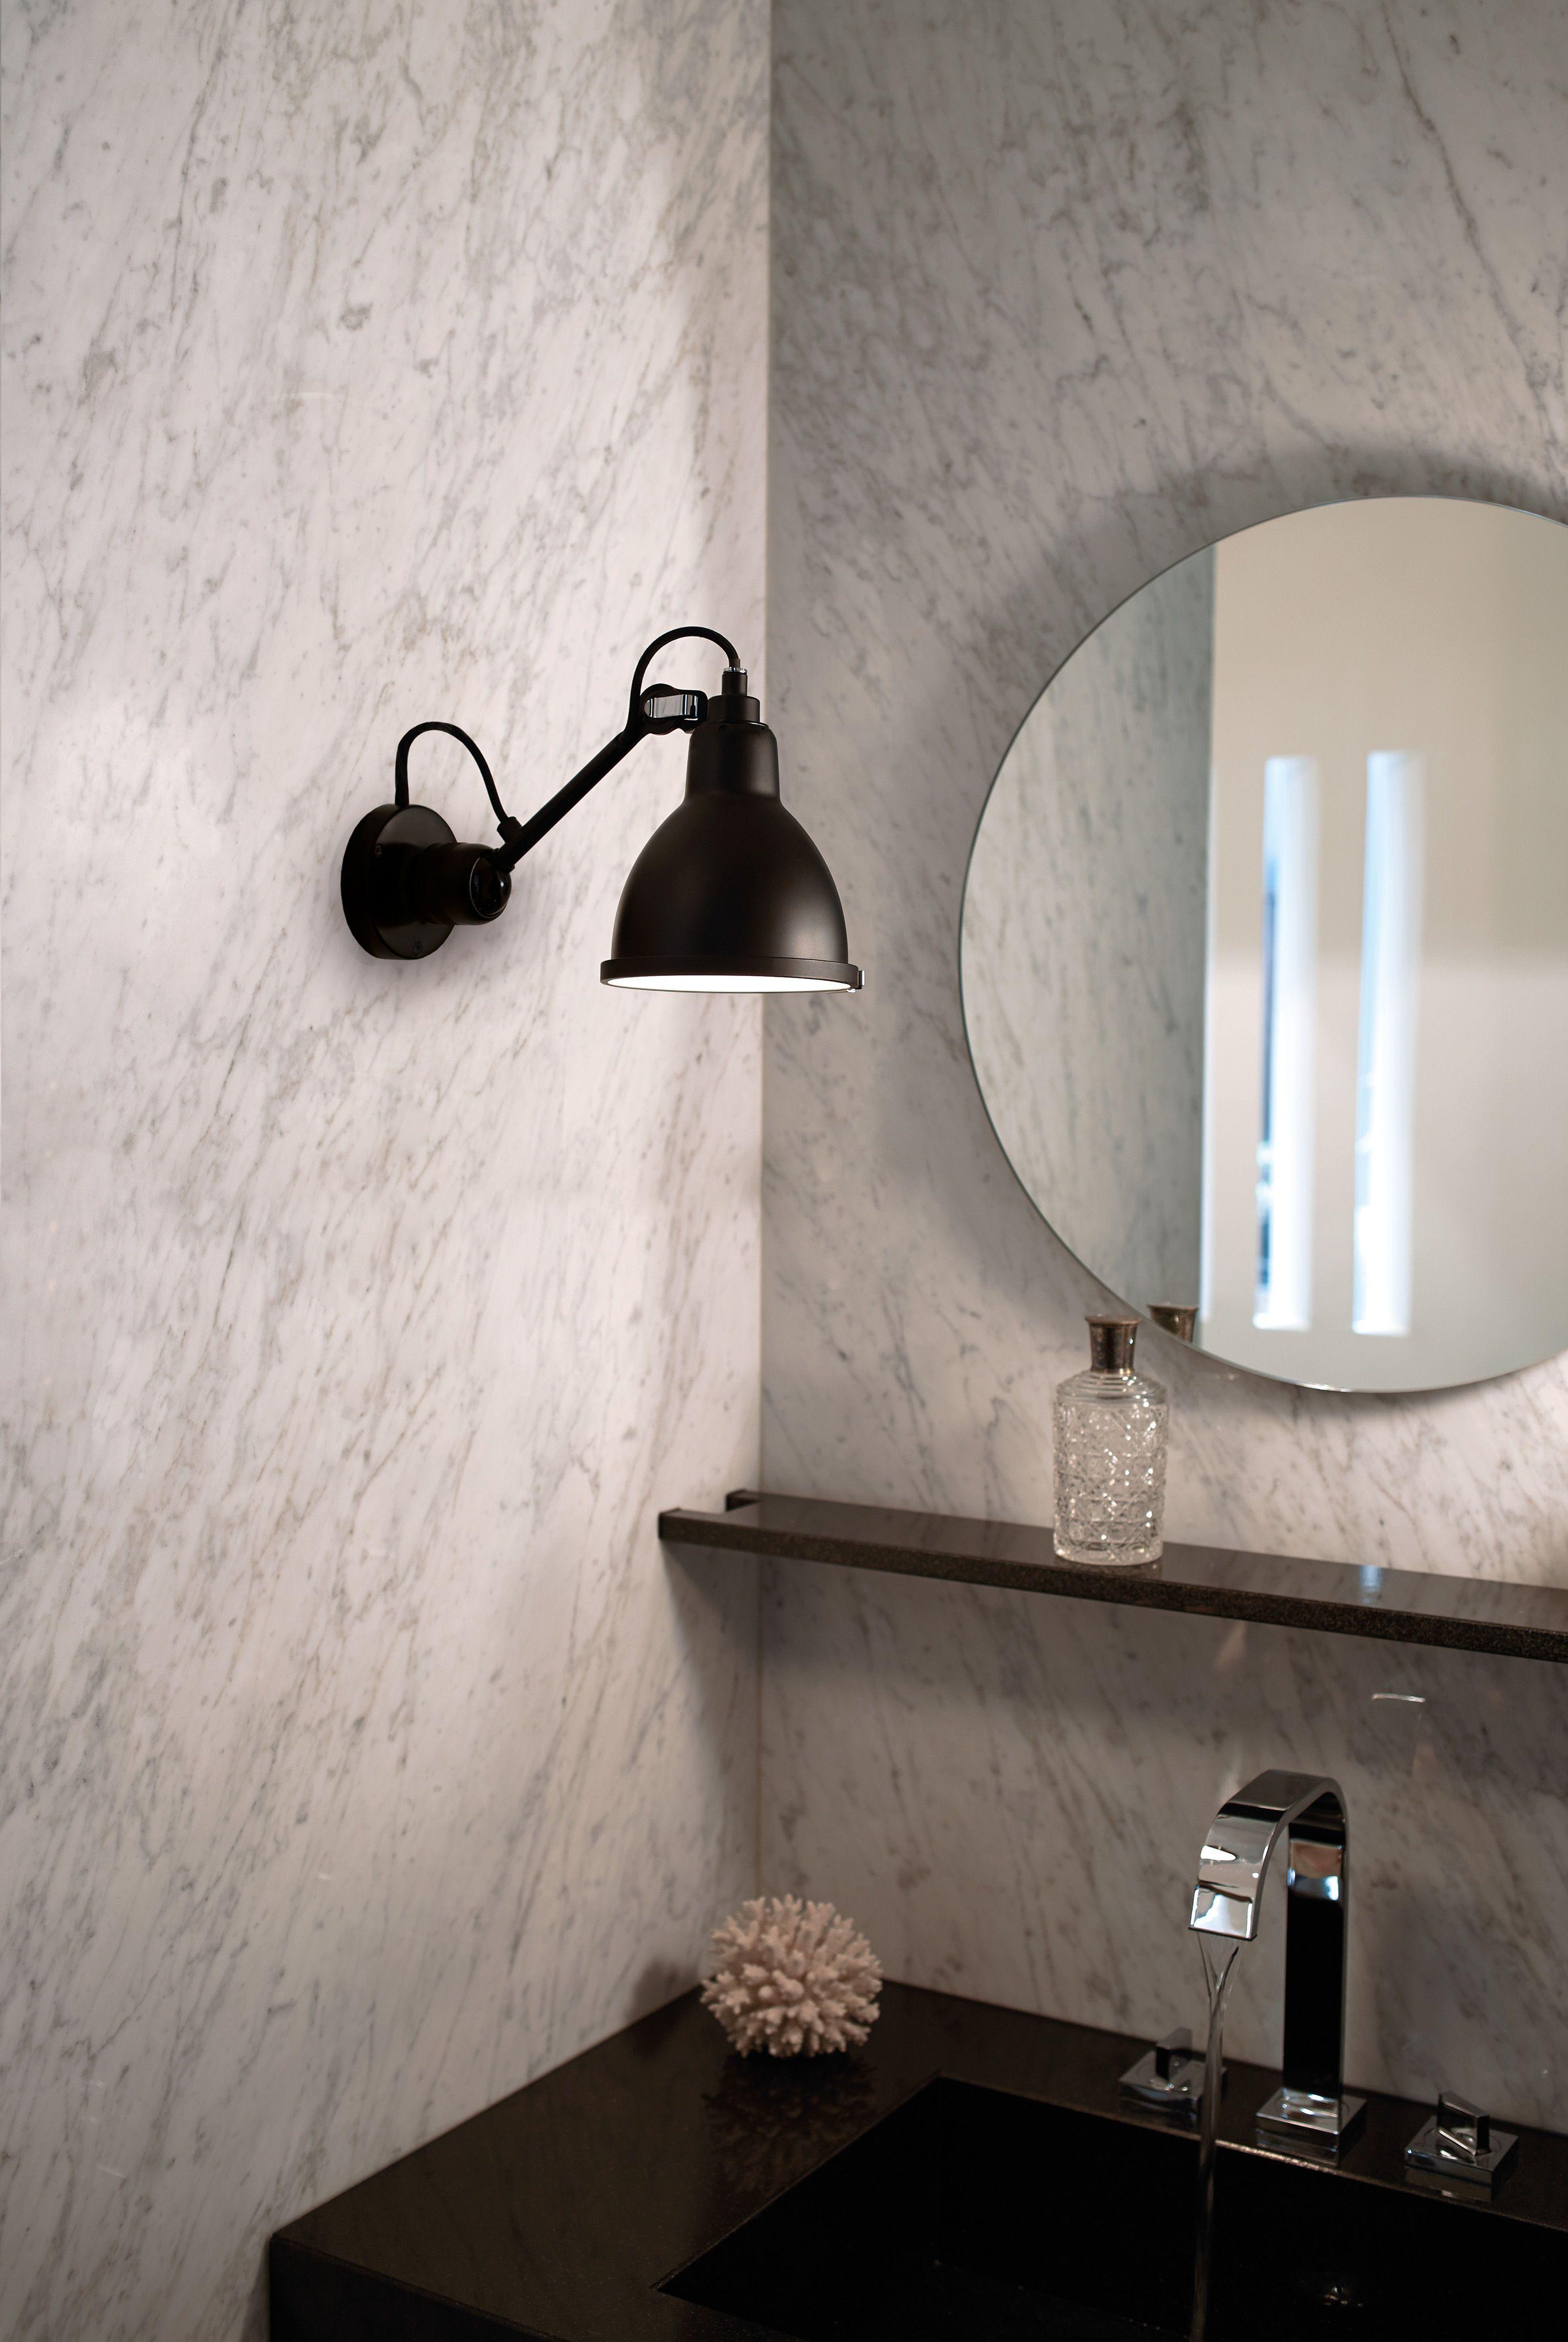 Applique N° 304 Pour salle de bains Lampe Gras